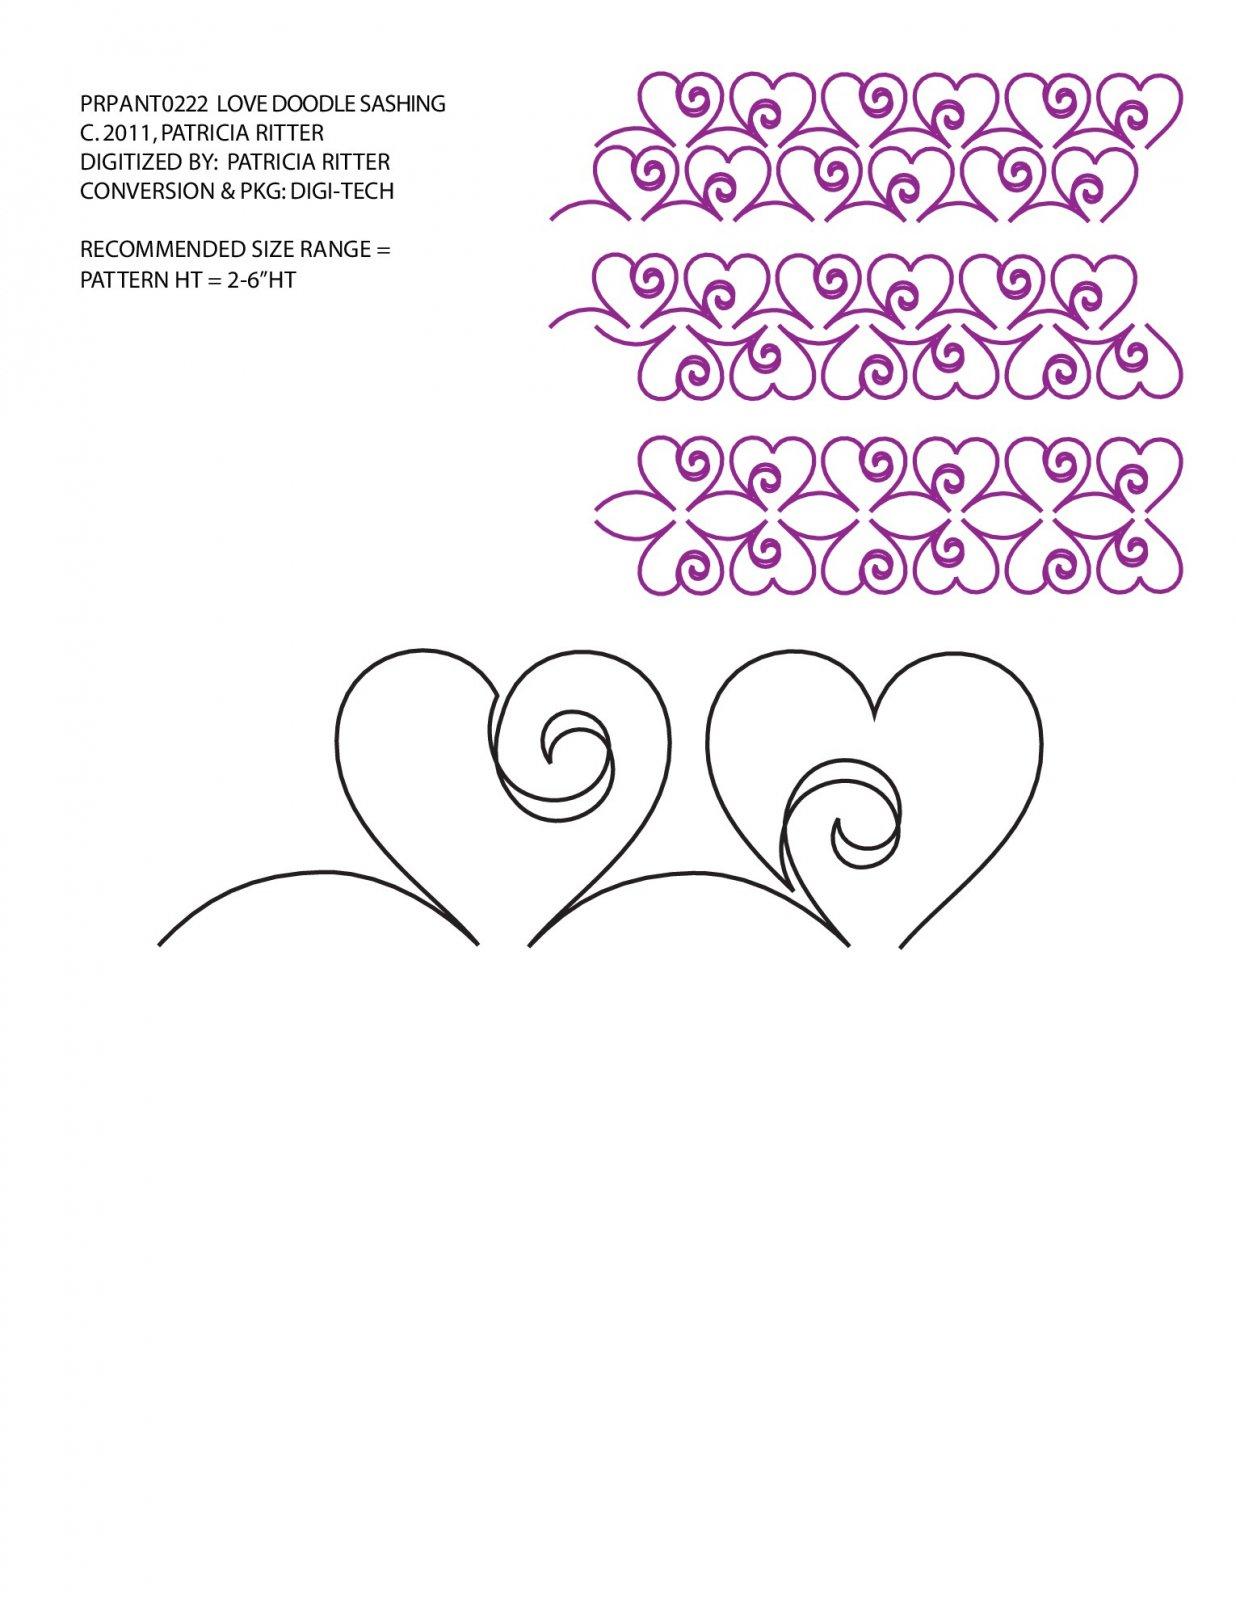 Love Doodle - Sashing